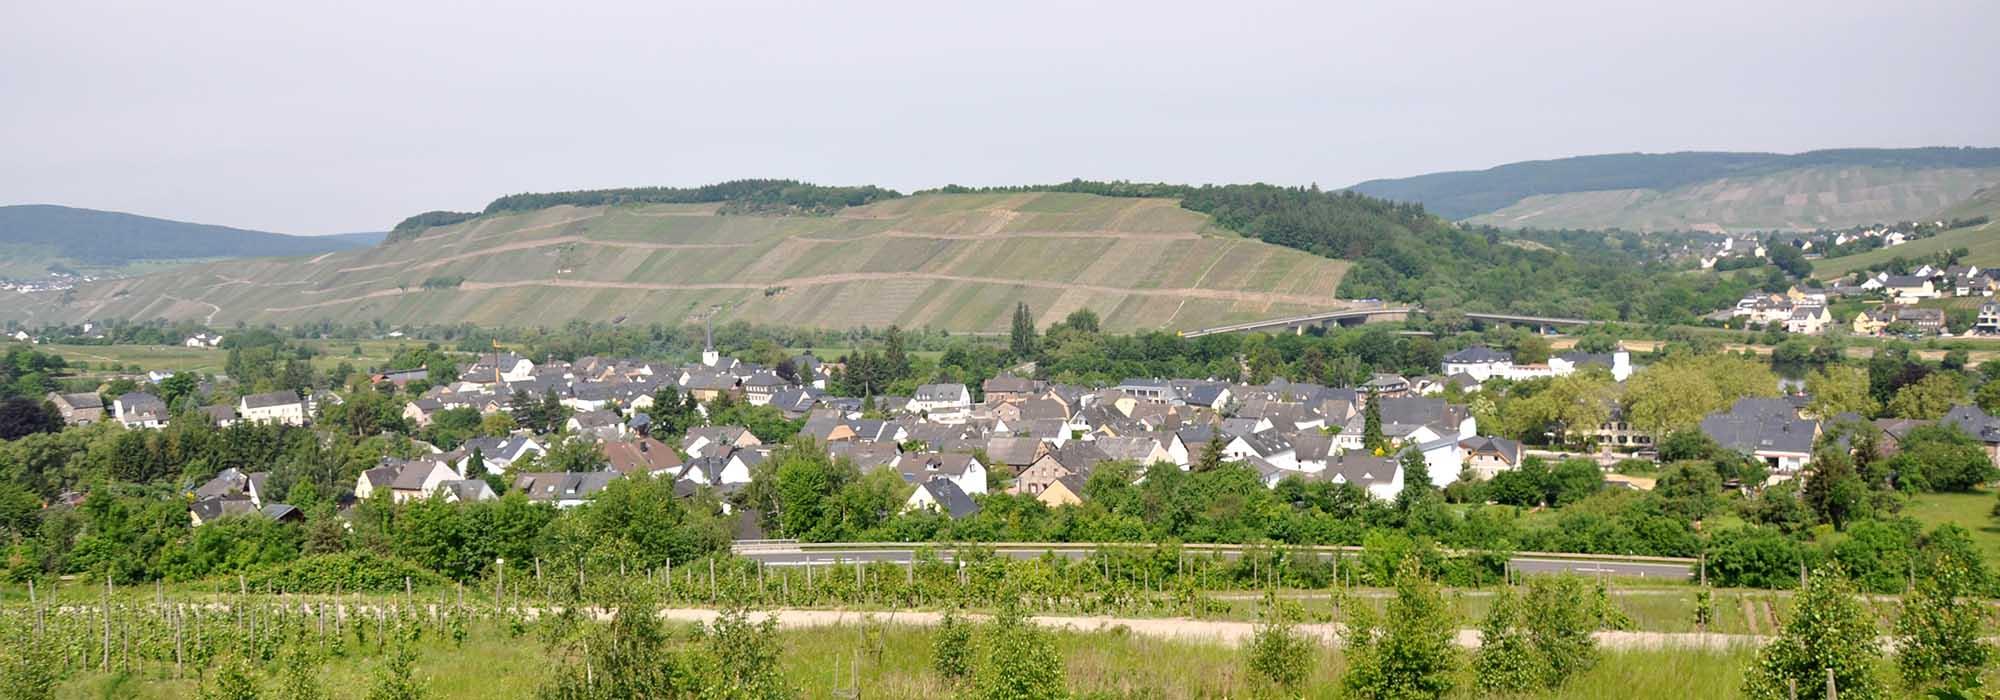 DSC_2311Muelheim